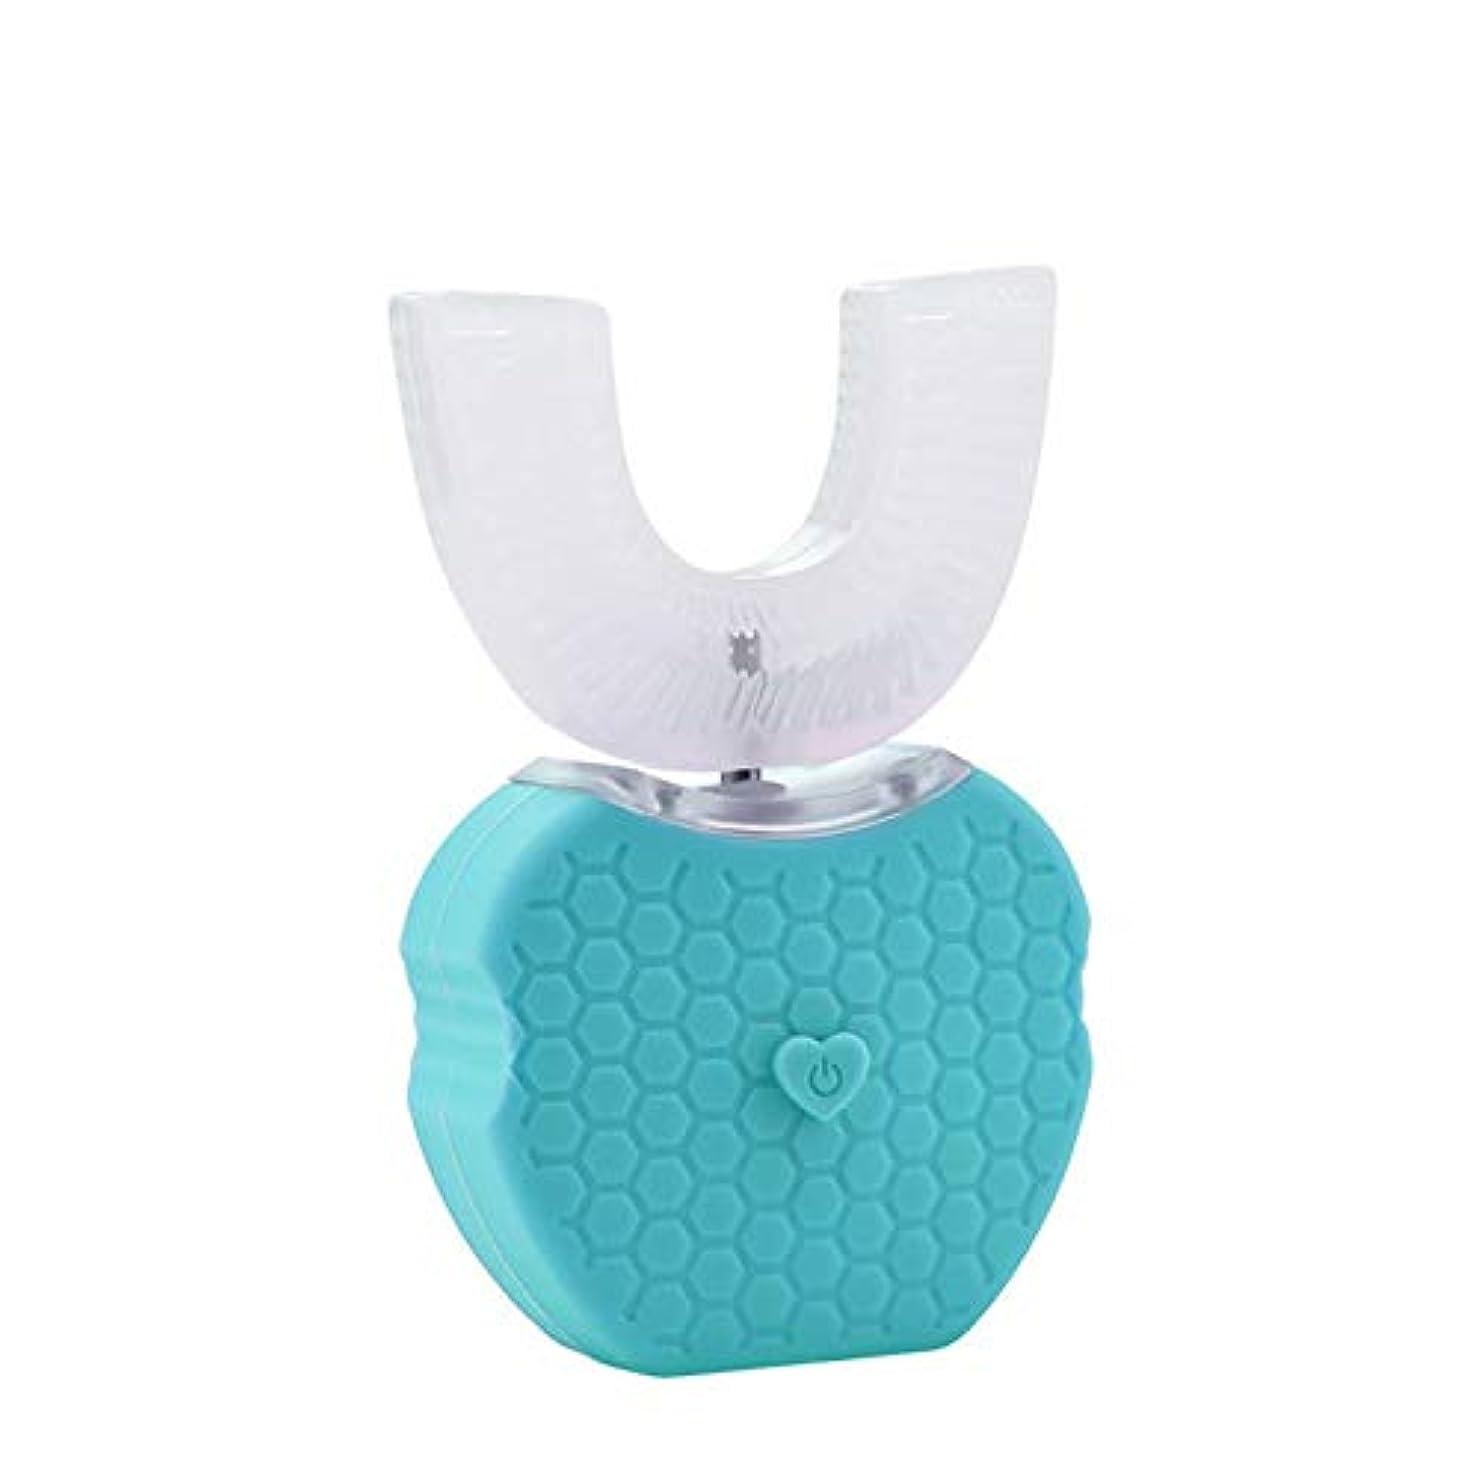 高層ビル痛い維持するフルオートマチック可変周波数電動歯ブラシ、自動360度U字型電動歯ブラシ、ワイヤレス充電IPX7防水自動歯ブラシ(大人用),Blue